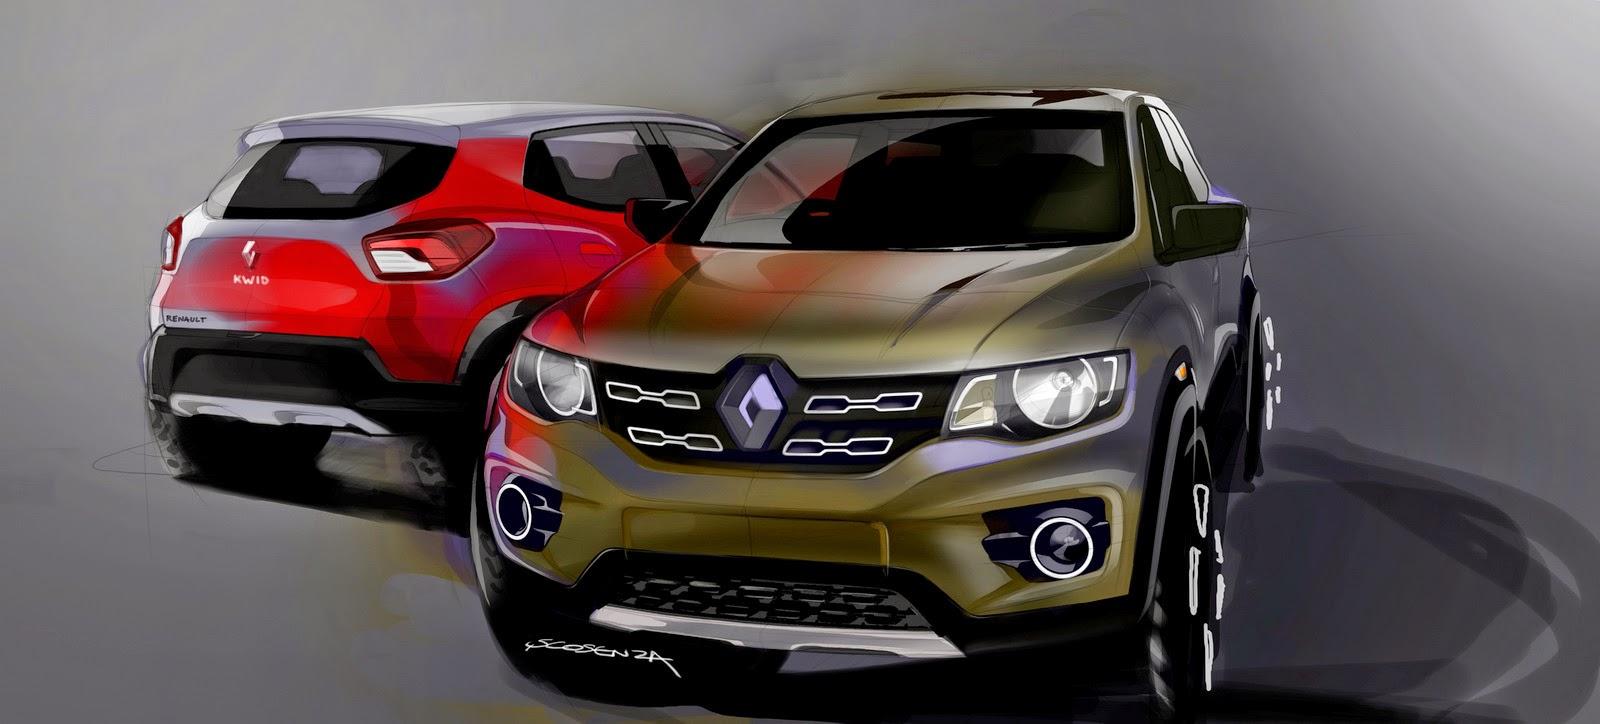 Nissan Juke 2018 Fiyat >> Nissan Juke'a Dacia'dan Rakip Geliyor - Sekiz Silindir